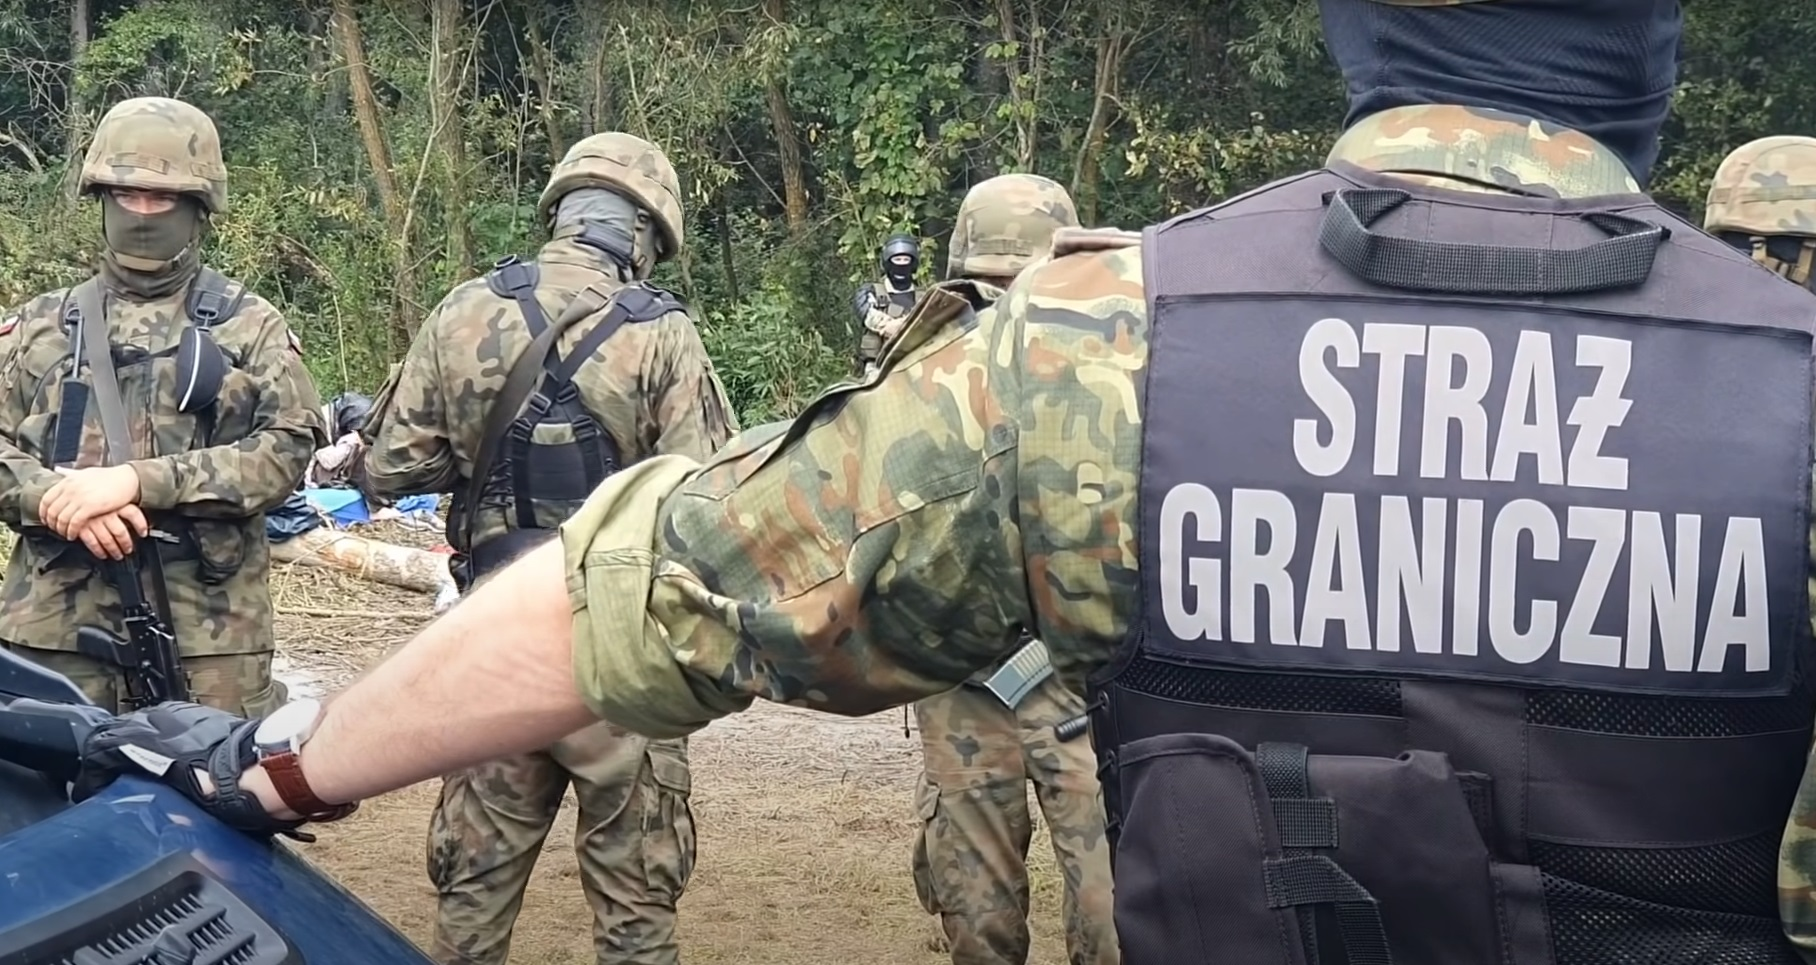 Imigranci szturmują polską granicę. Sytuacja na granicy polsko-białoruskiej nadal jest bardzo napięta. Straż Graniczna ma pełne ręce roboty,